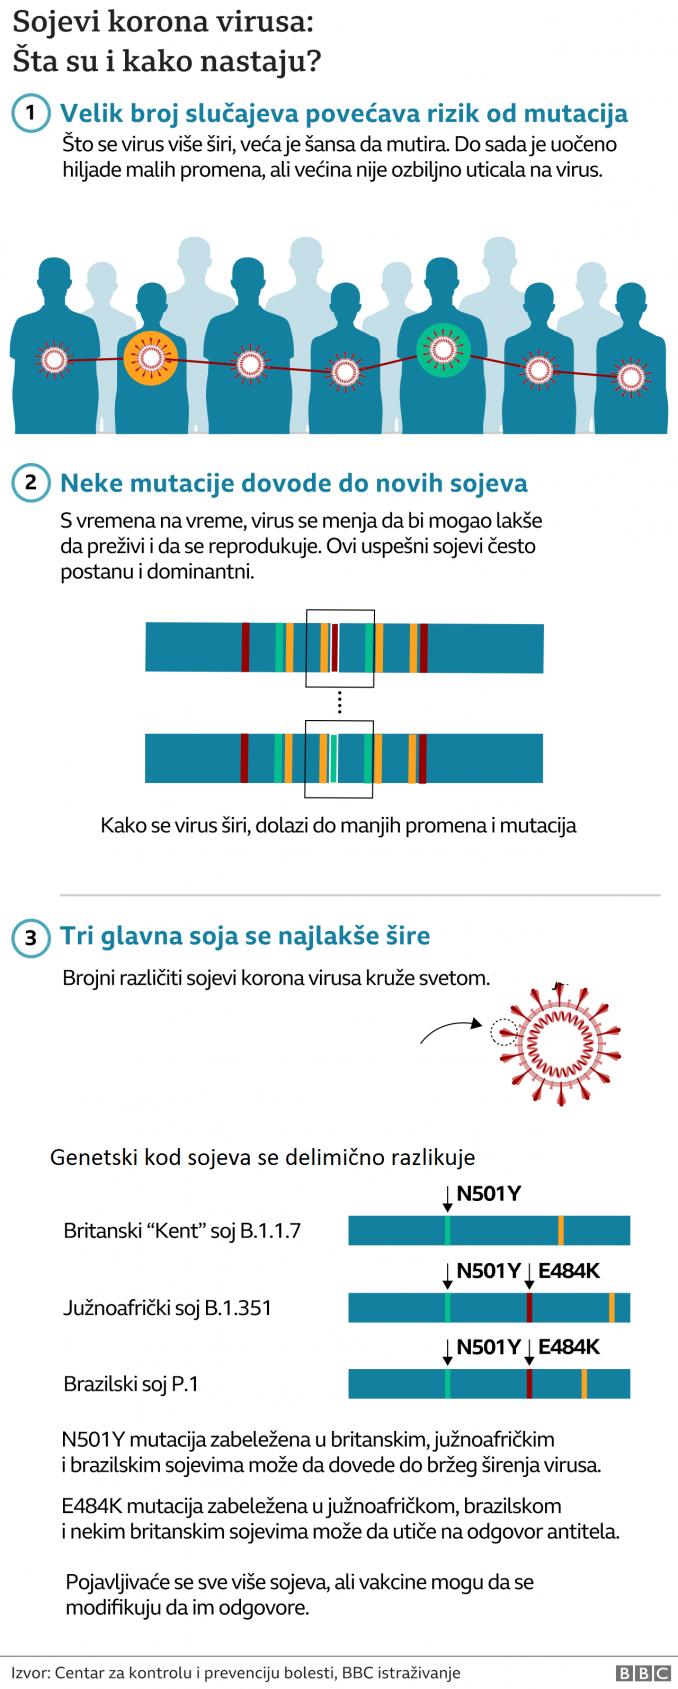 Korona virus: Apel lekara u Srbiji - bez opuštanja, brazilski soj virusa u Britaniji za novu brigu 3